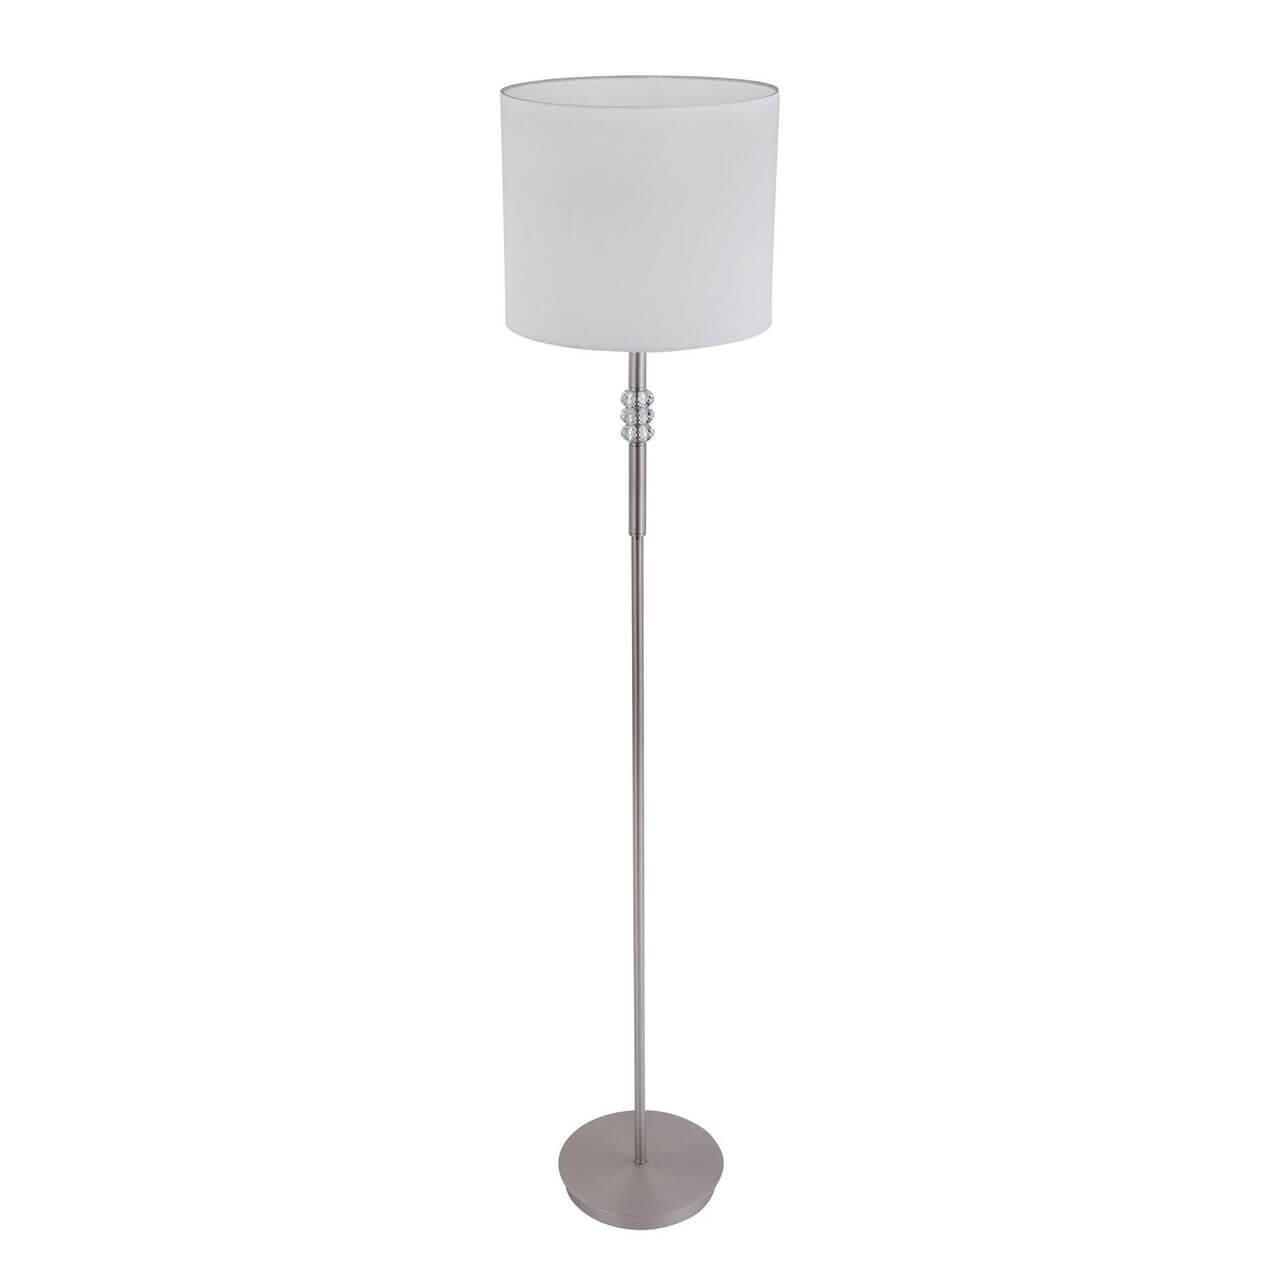 Напольный светильник Maytoni MOD527FL-01N, E27, 40 Вт торшер maytoni comfort mod008fl 01n